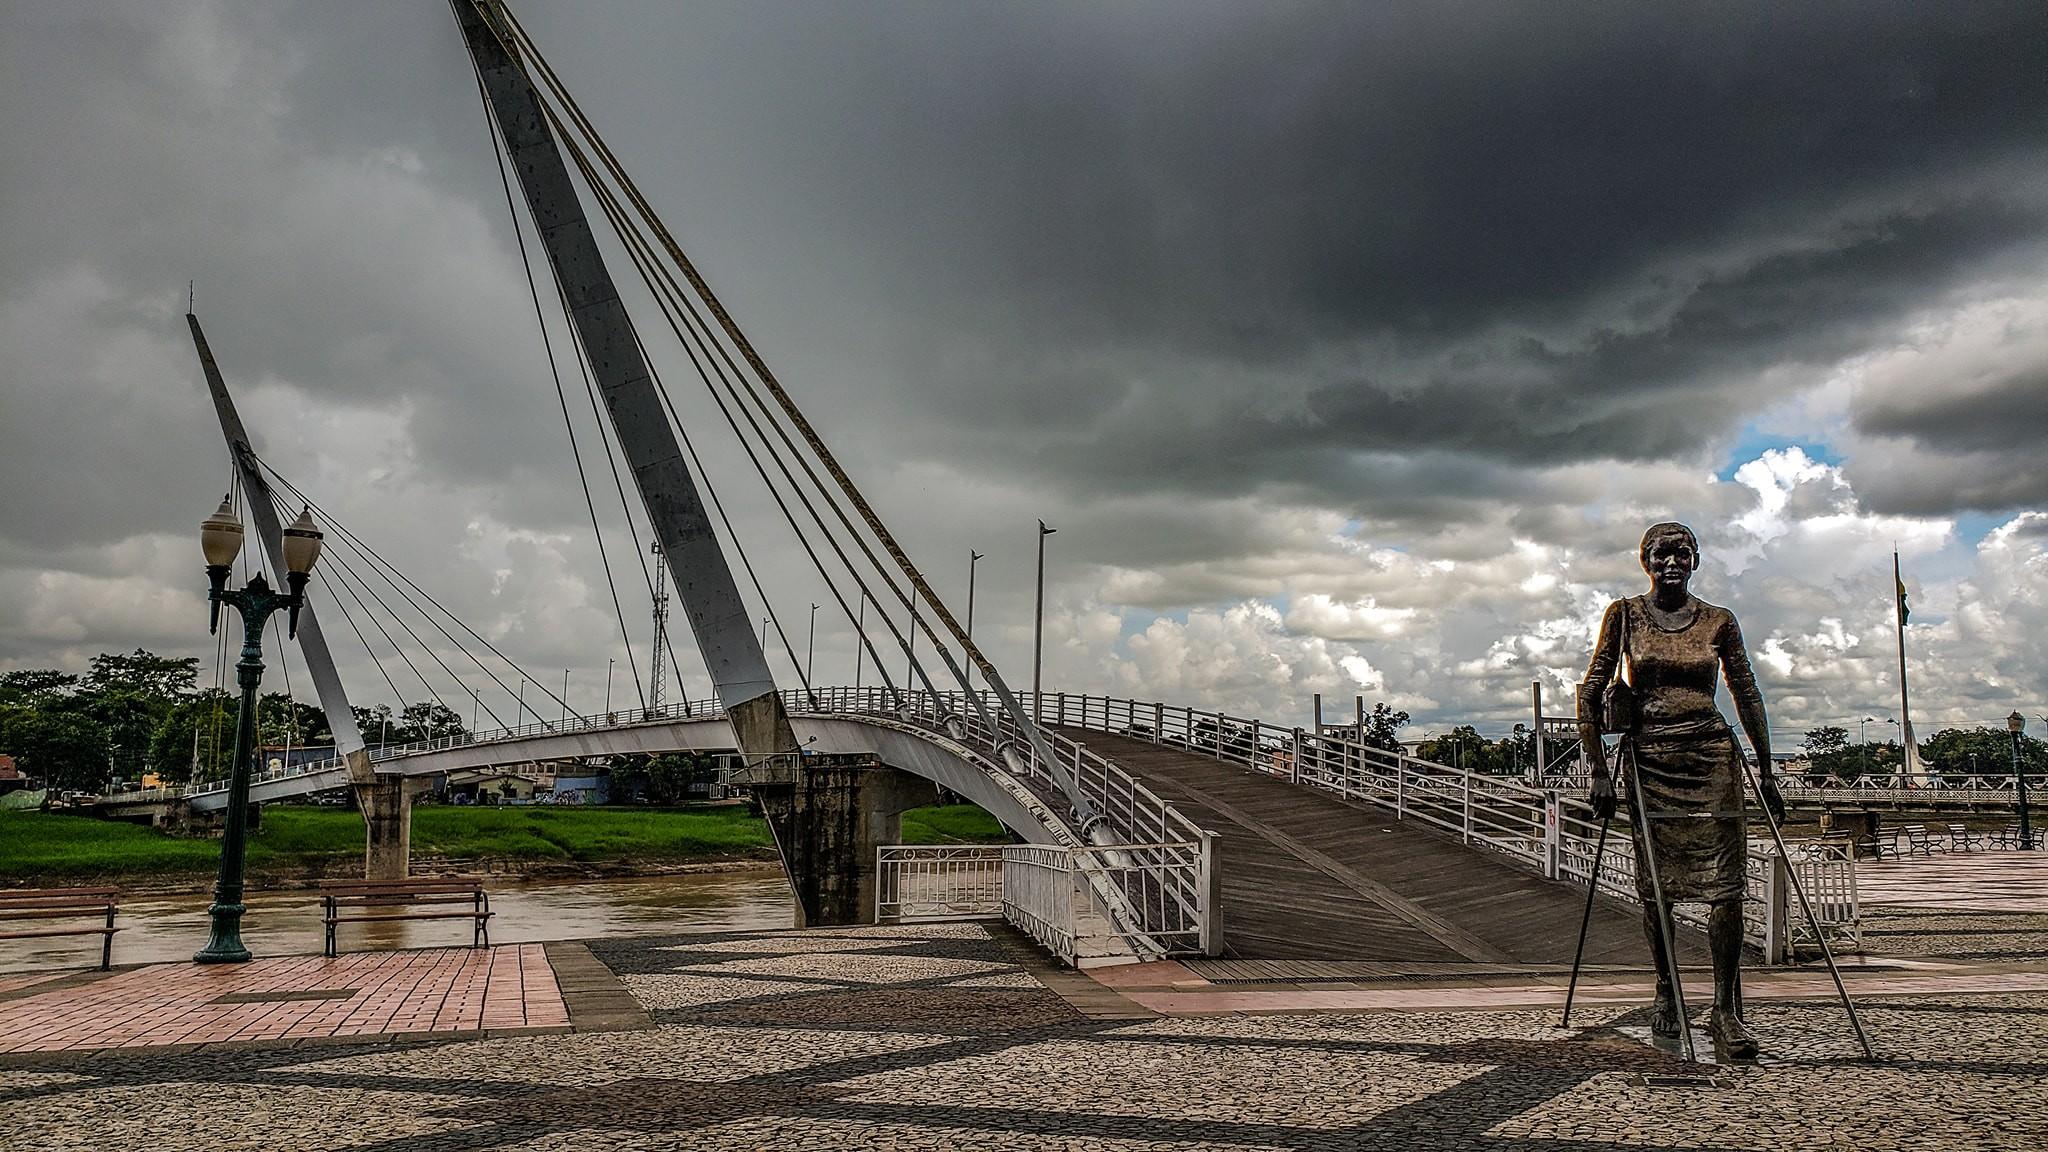 Dia deve ser de chuvas no Acre neste domingo (20), prevê Sipam - Notícias - Plantão Diário